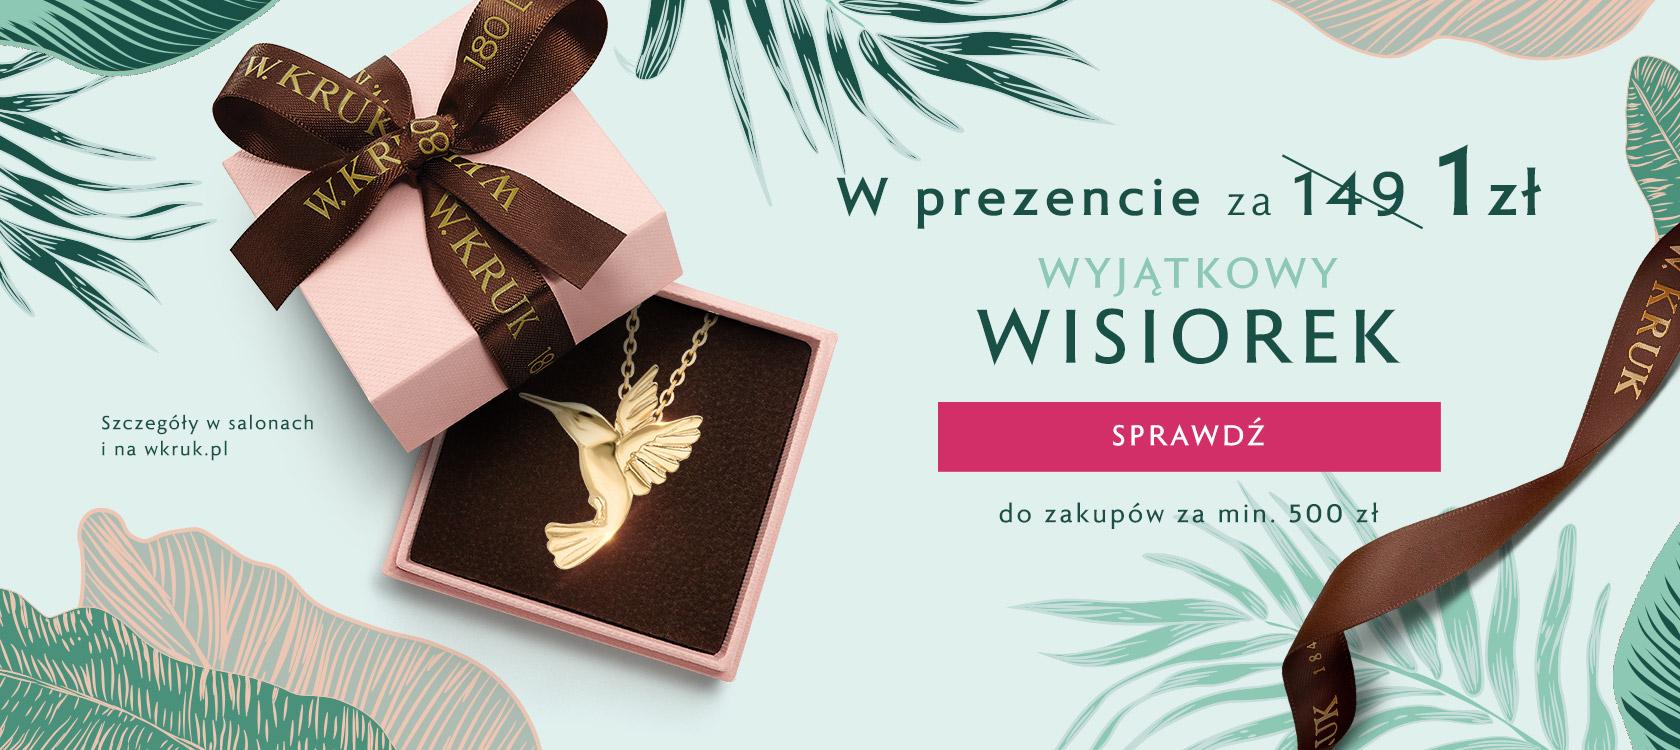 W.Kruk W.Kruk: zrób zakupy za min. 500 zł, a wisiorek o wartości 149 zł otrzymacie za 1 zł